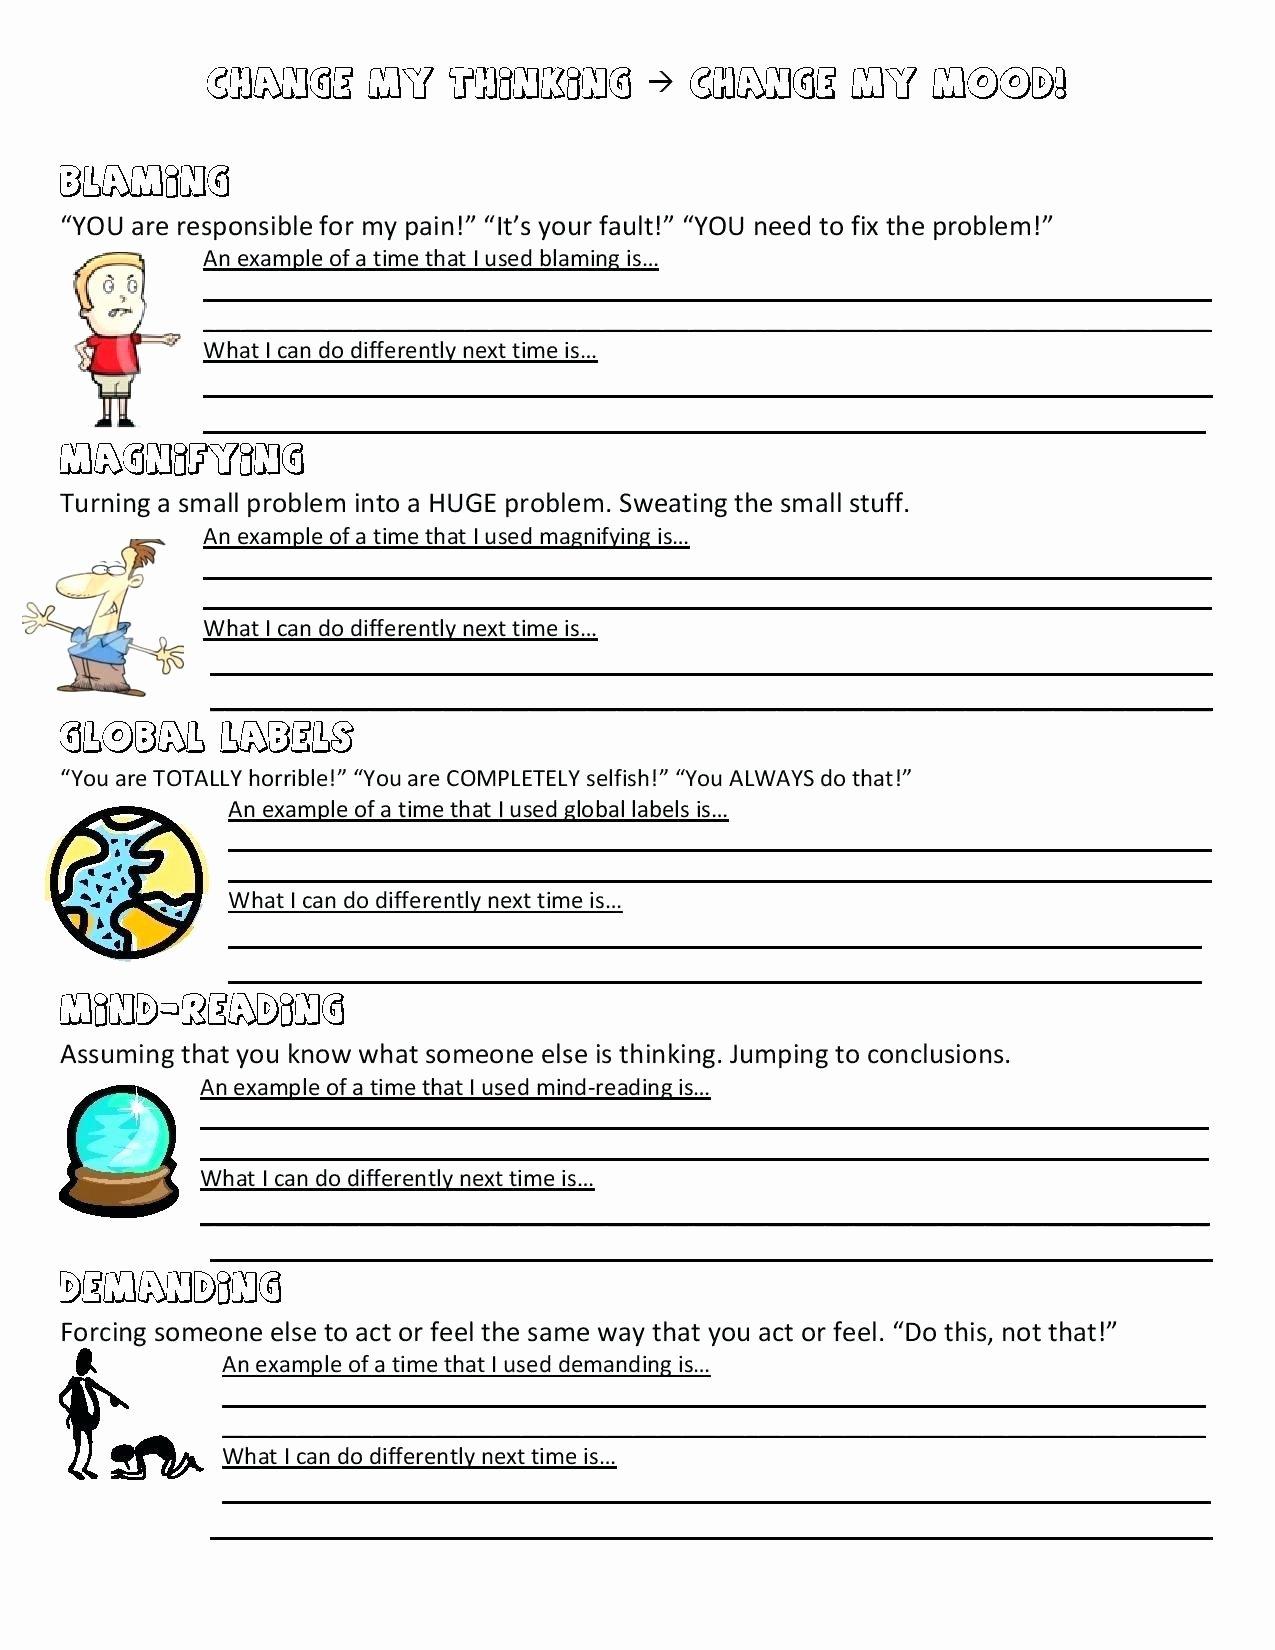 Time Management Worksheet Pdf Inspirational Online Anger Management Activity